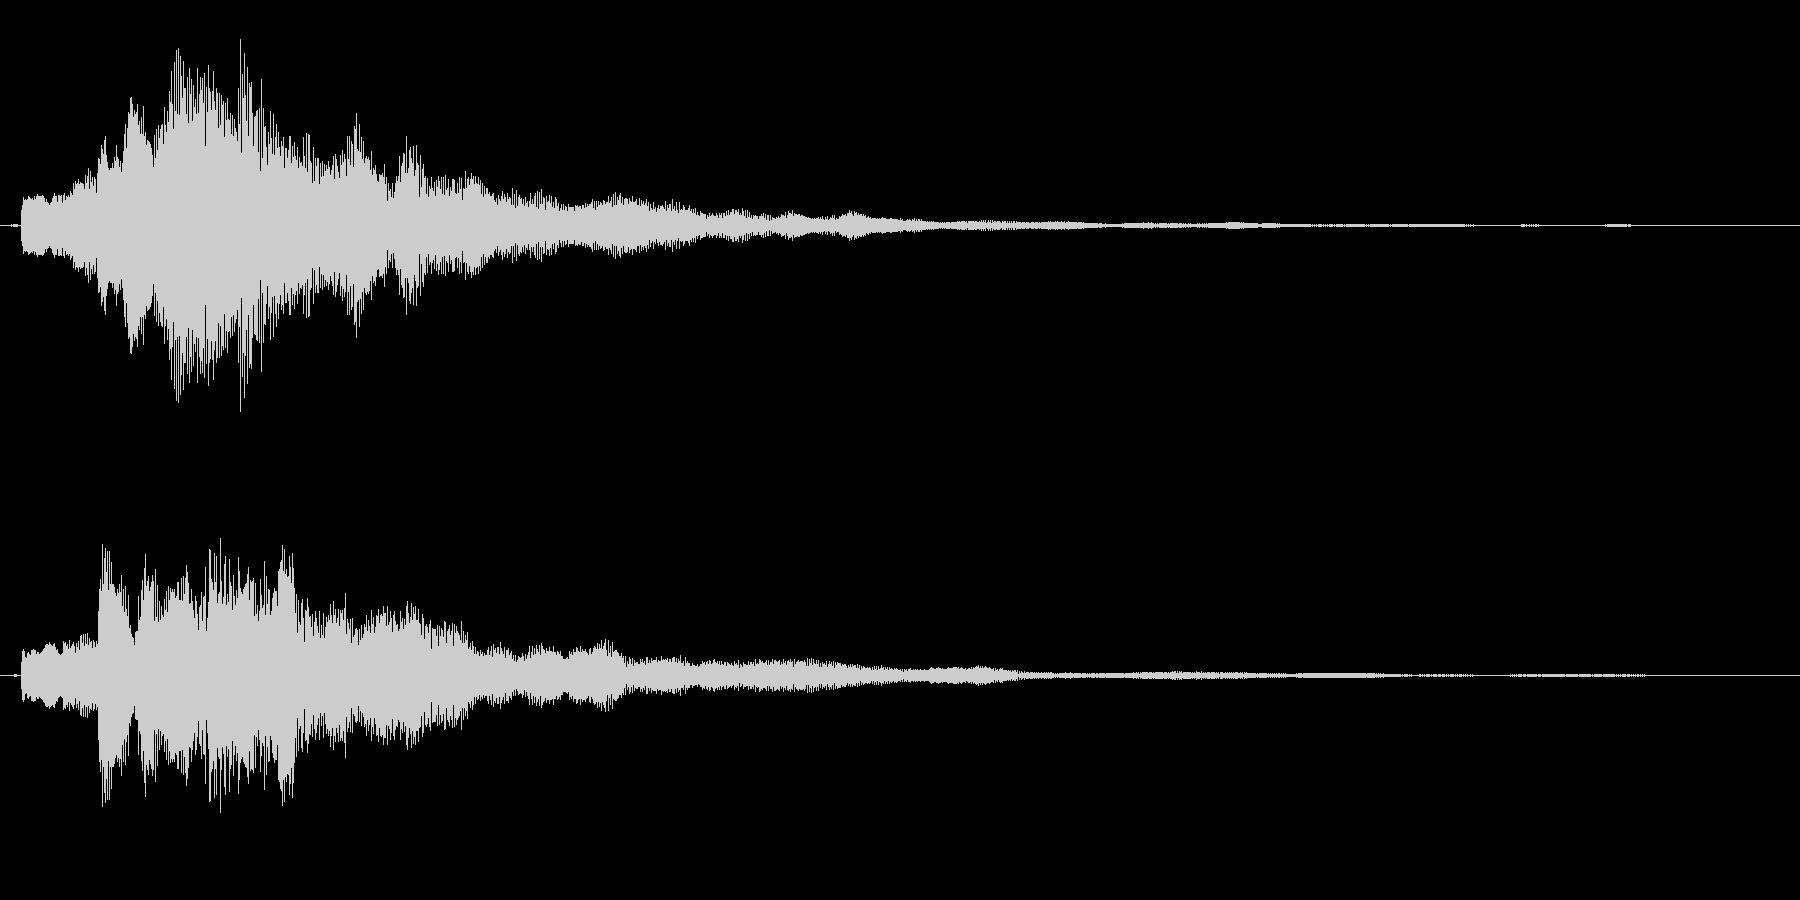 爽やかなギターサウンドロゴの未再生の波形